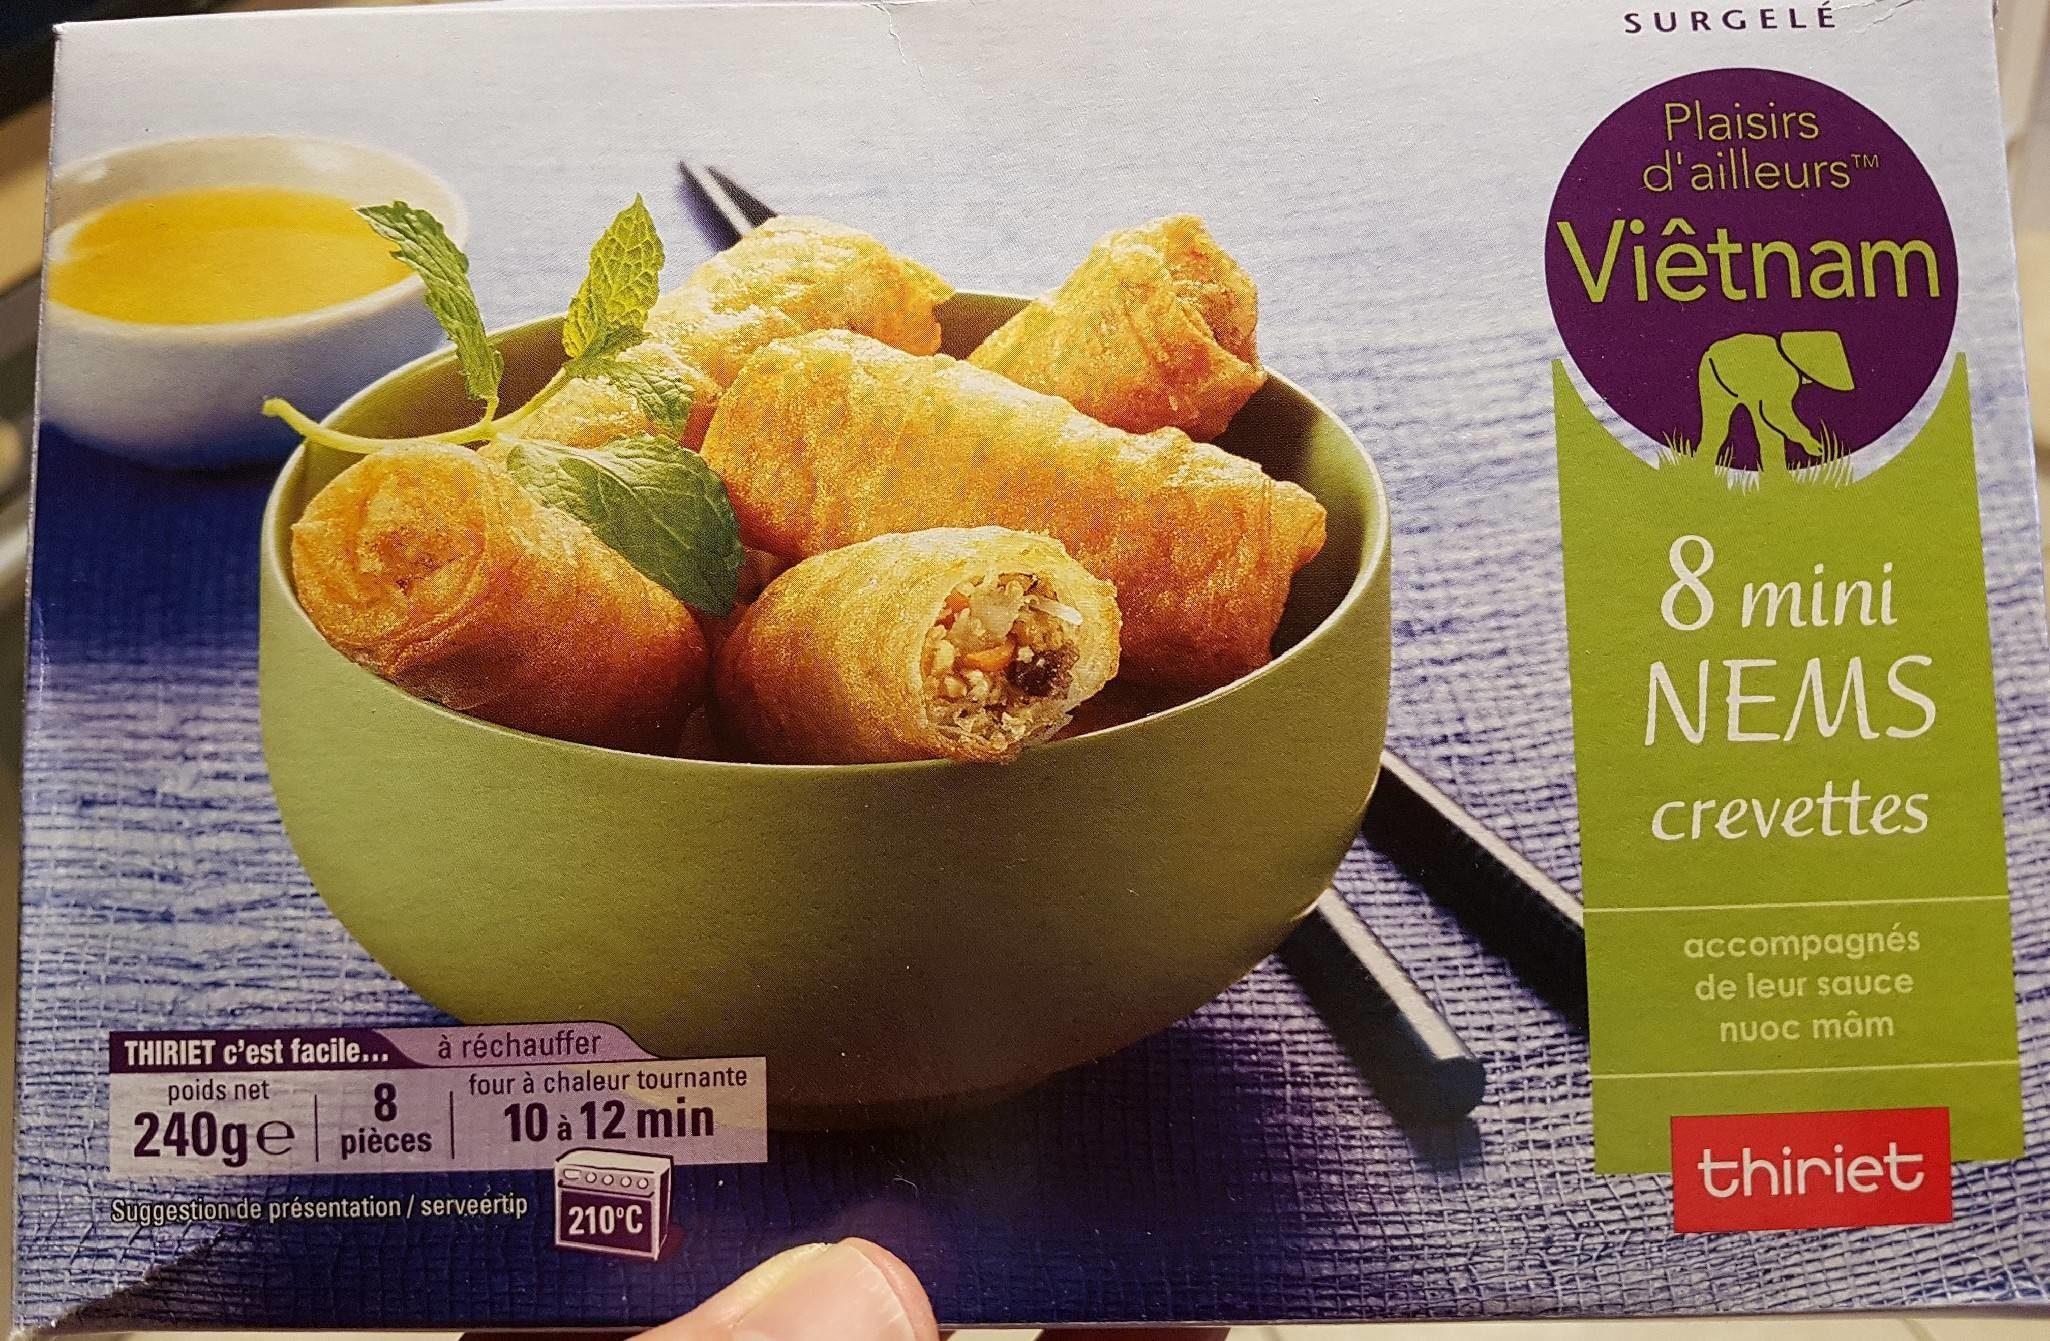 Nems crevettes - Product